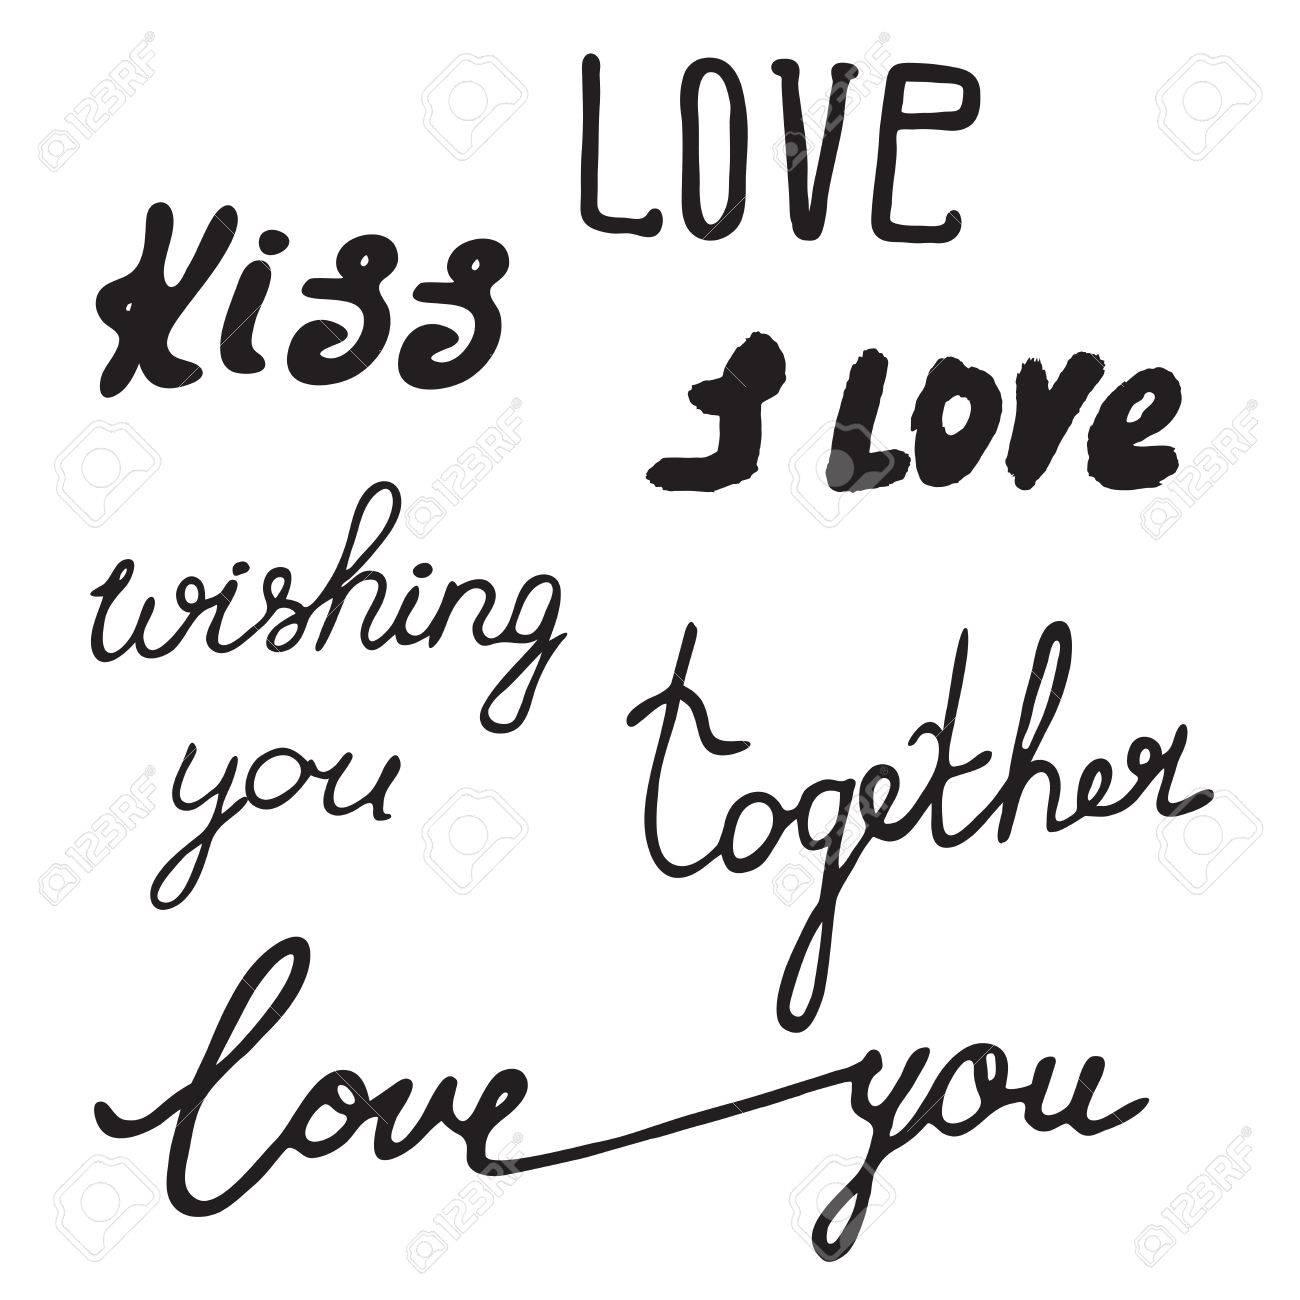 Letras Dibujadas A Mano Frases De Caligrafía De Día De San Valentín Para La Tarjeta De Invitación De Boda Papel De Regalo Y Diseño